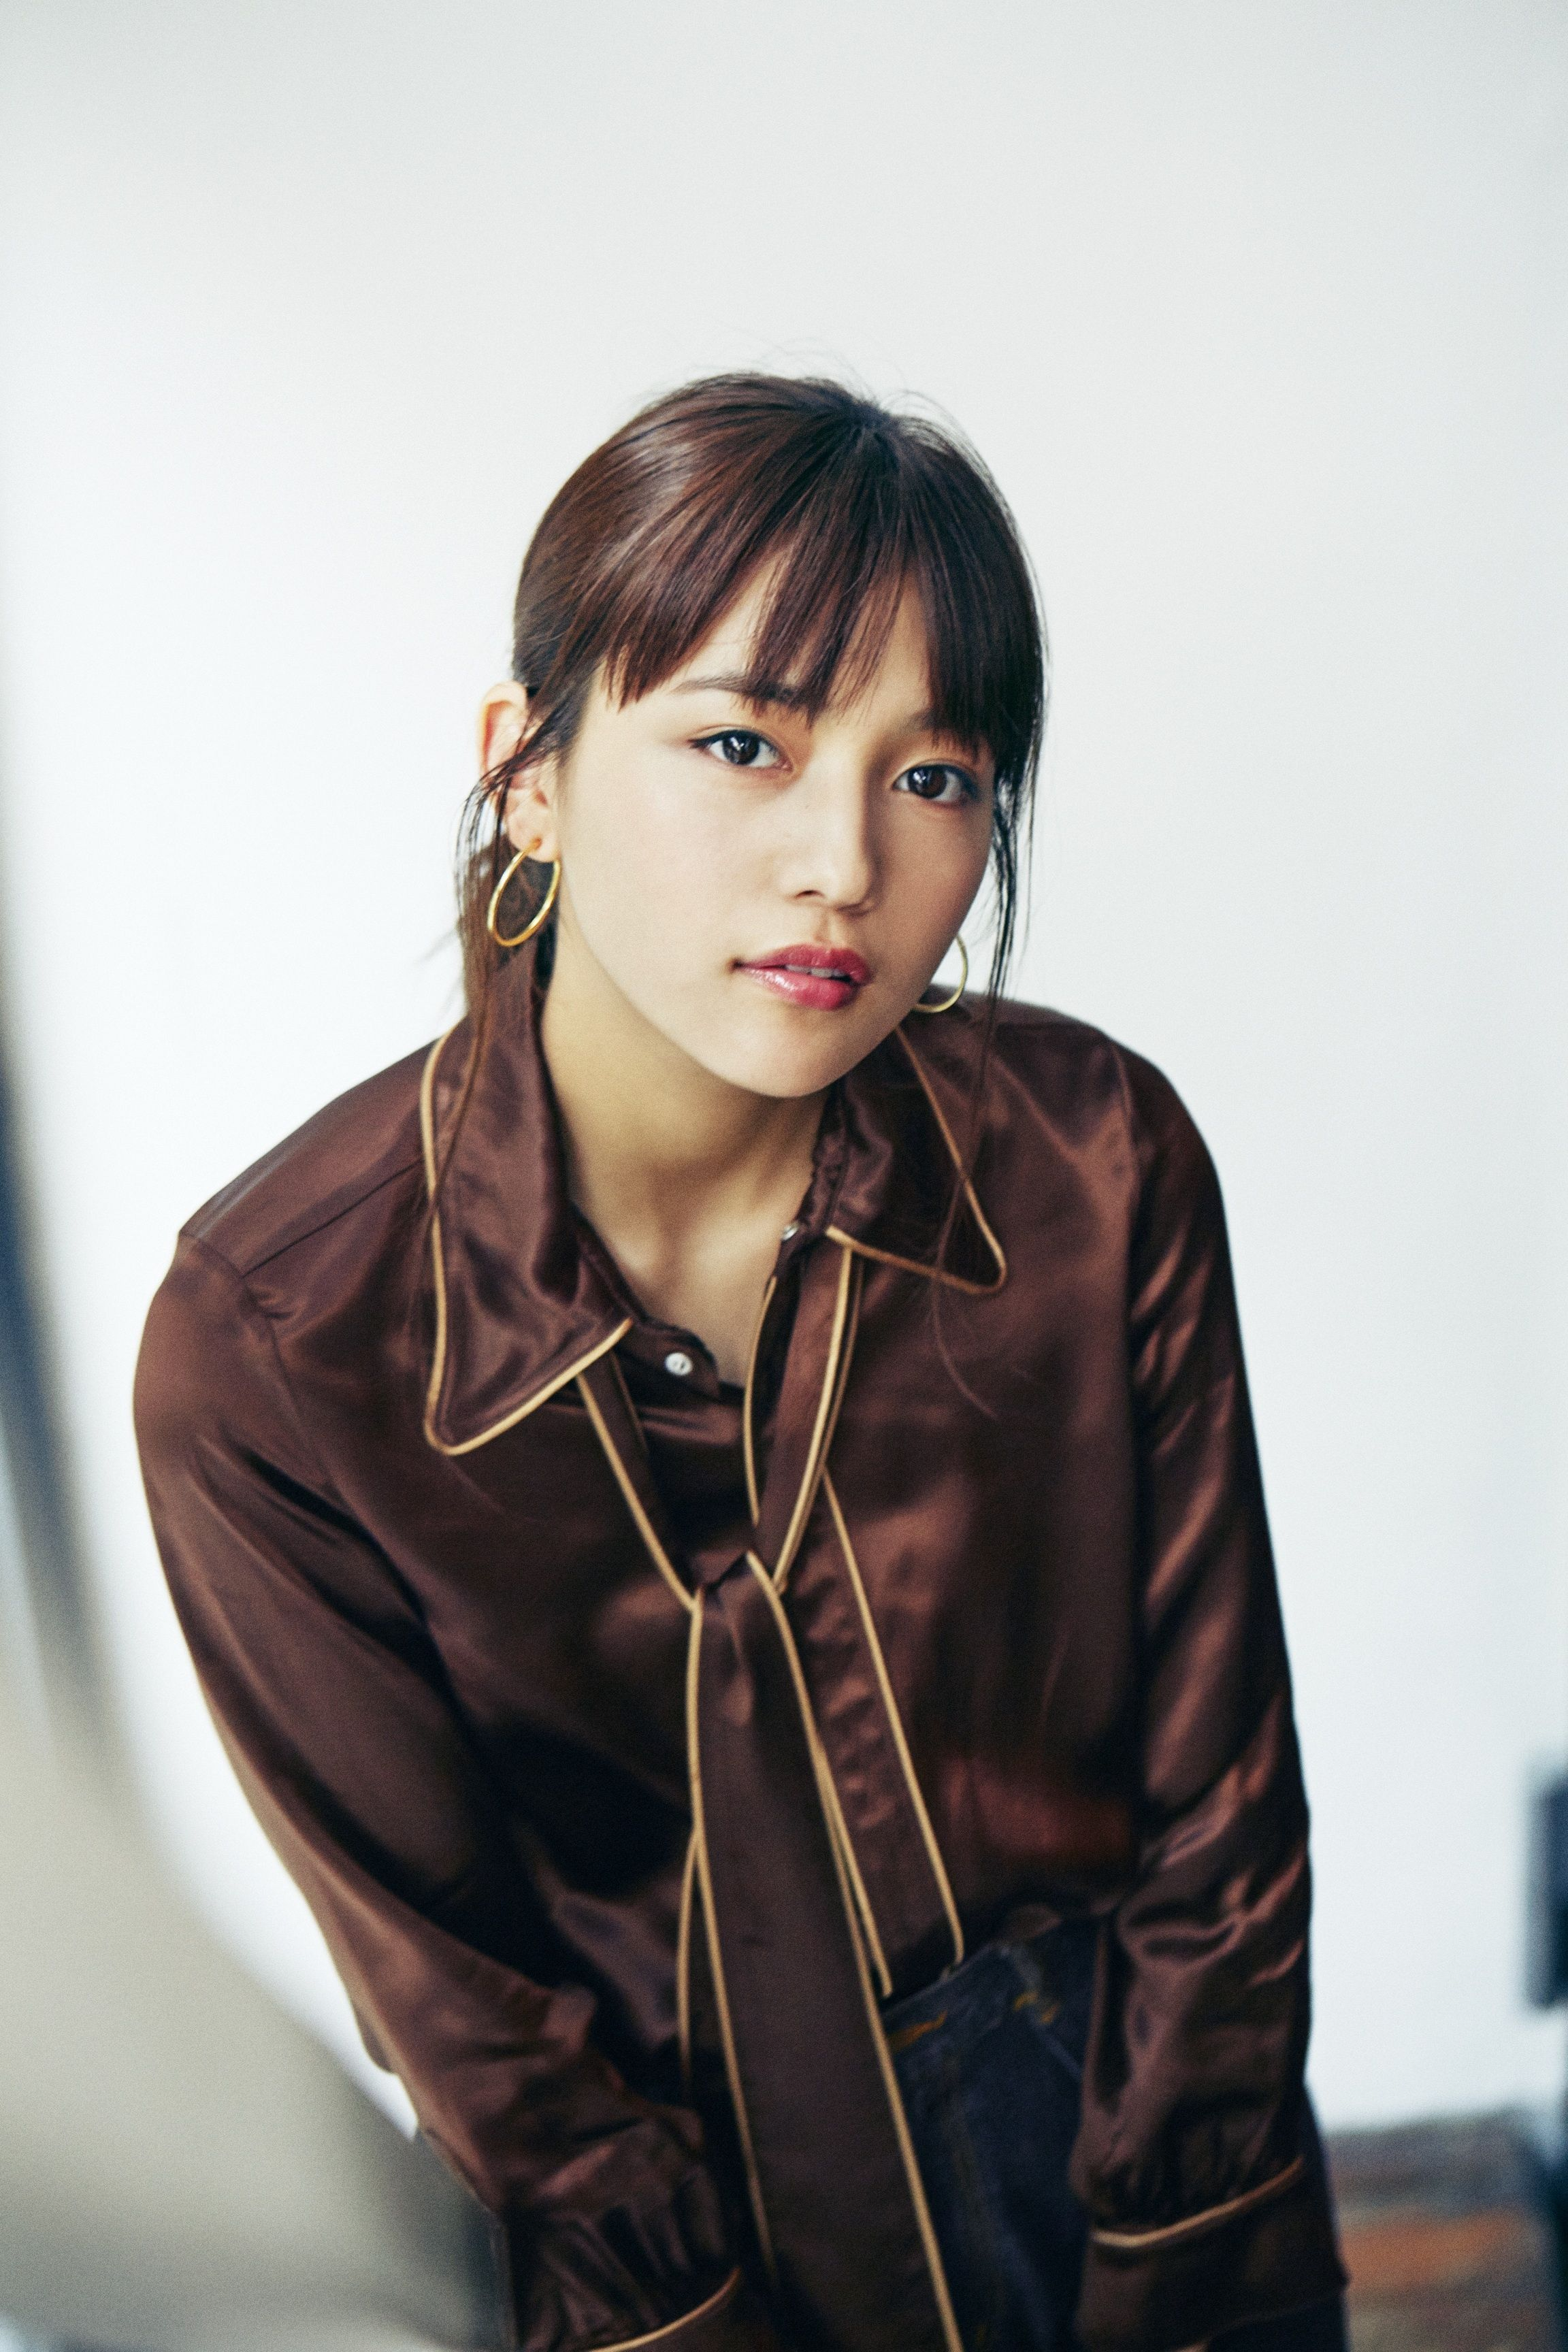 【女優】川口春奈、5分の遅刻で…先輩に「引くほど怒られた」